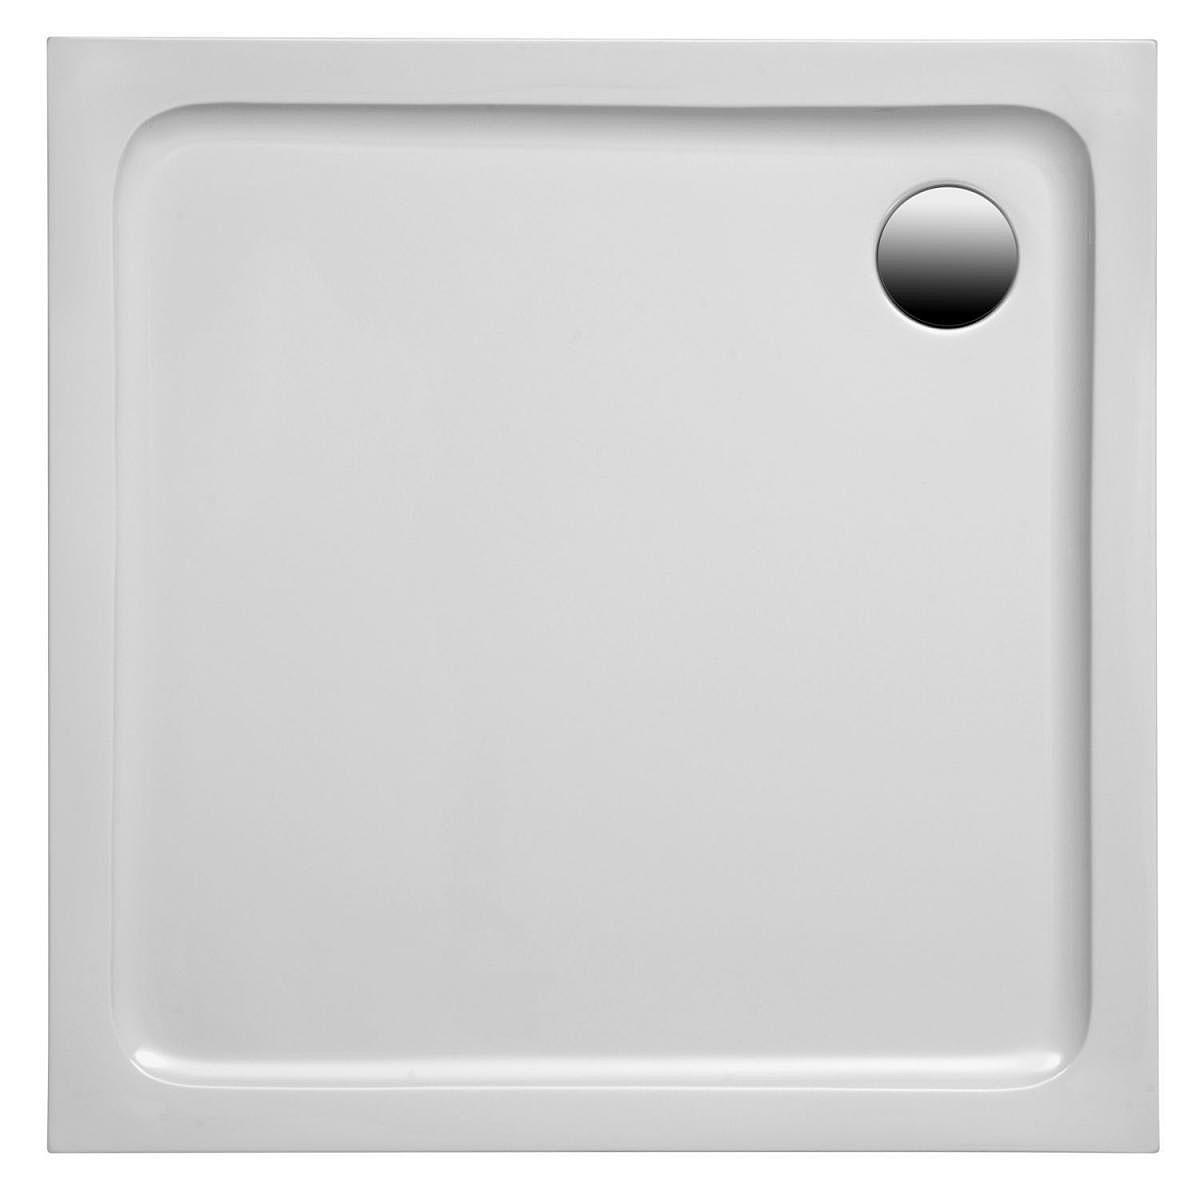 Ottofond Duschtasse Rubi 80 x 80 x 3 cm, weiss 900803